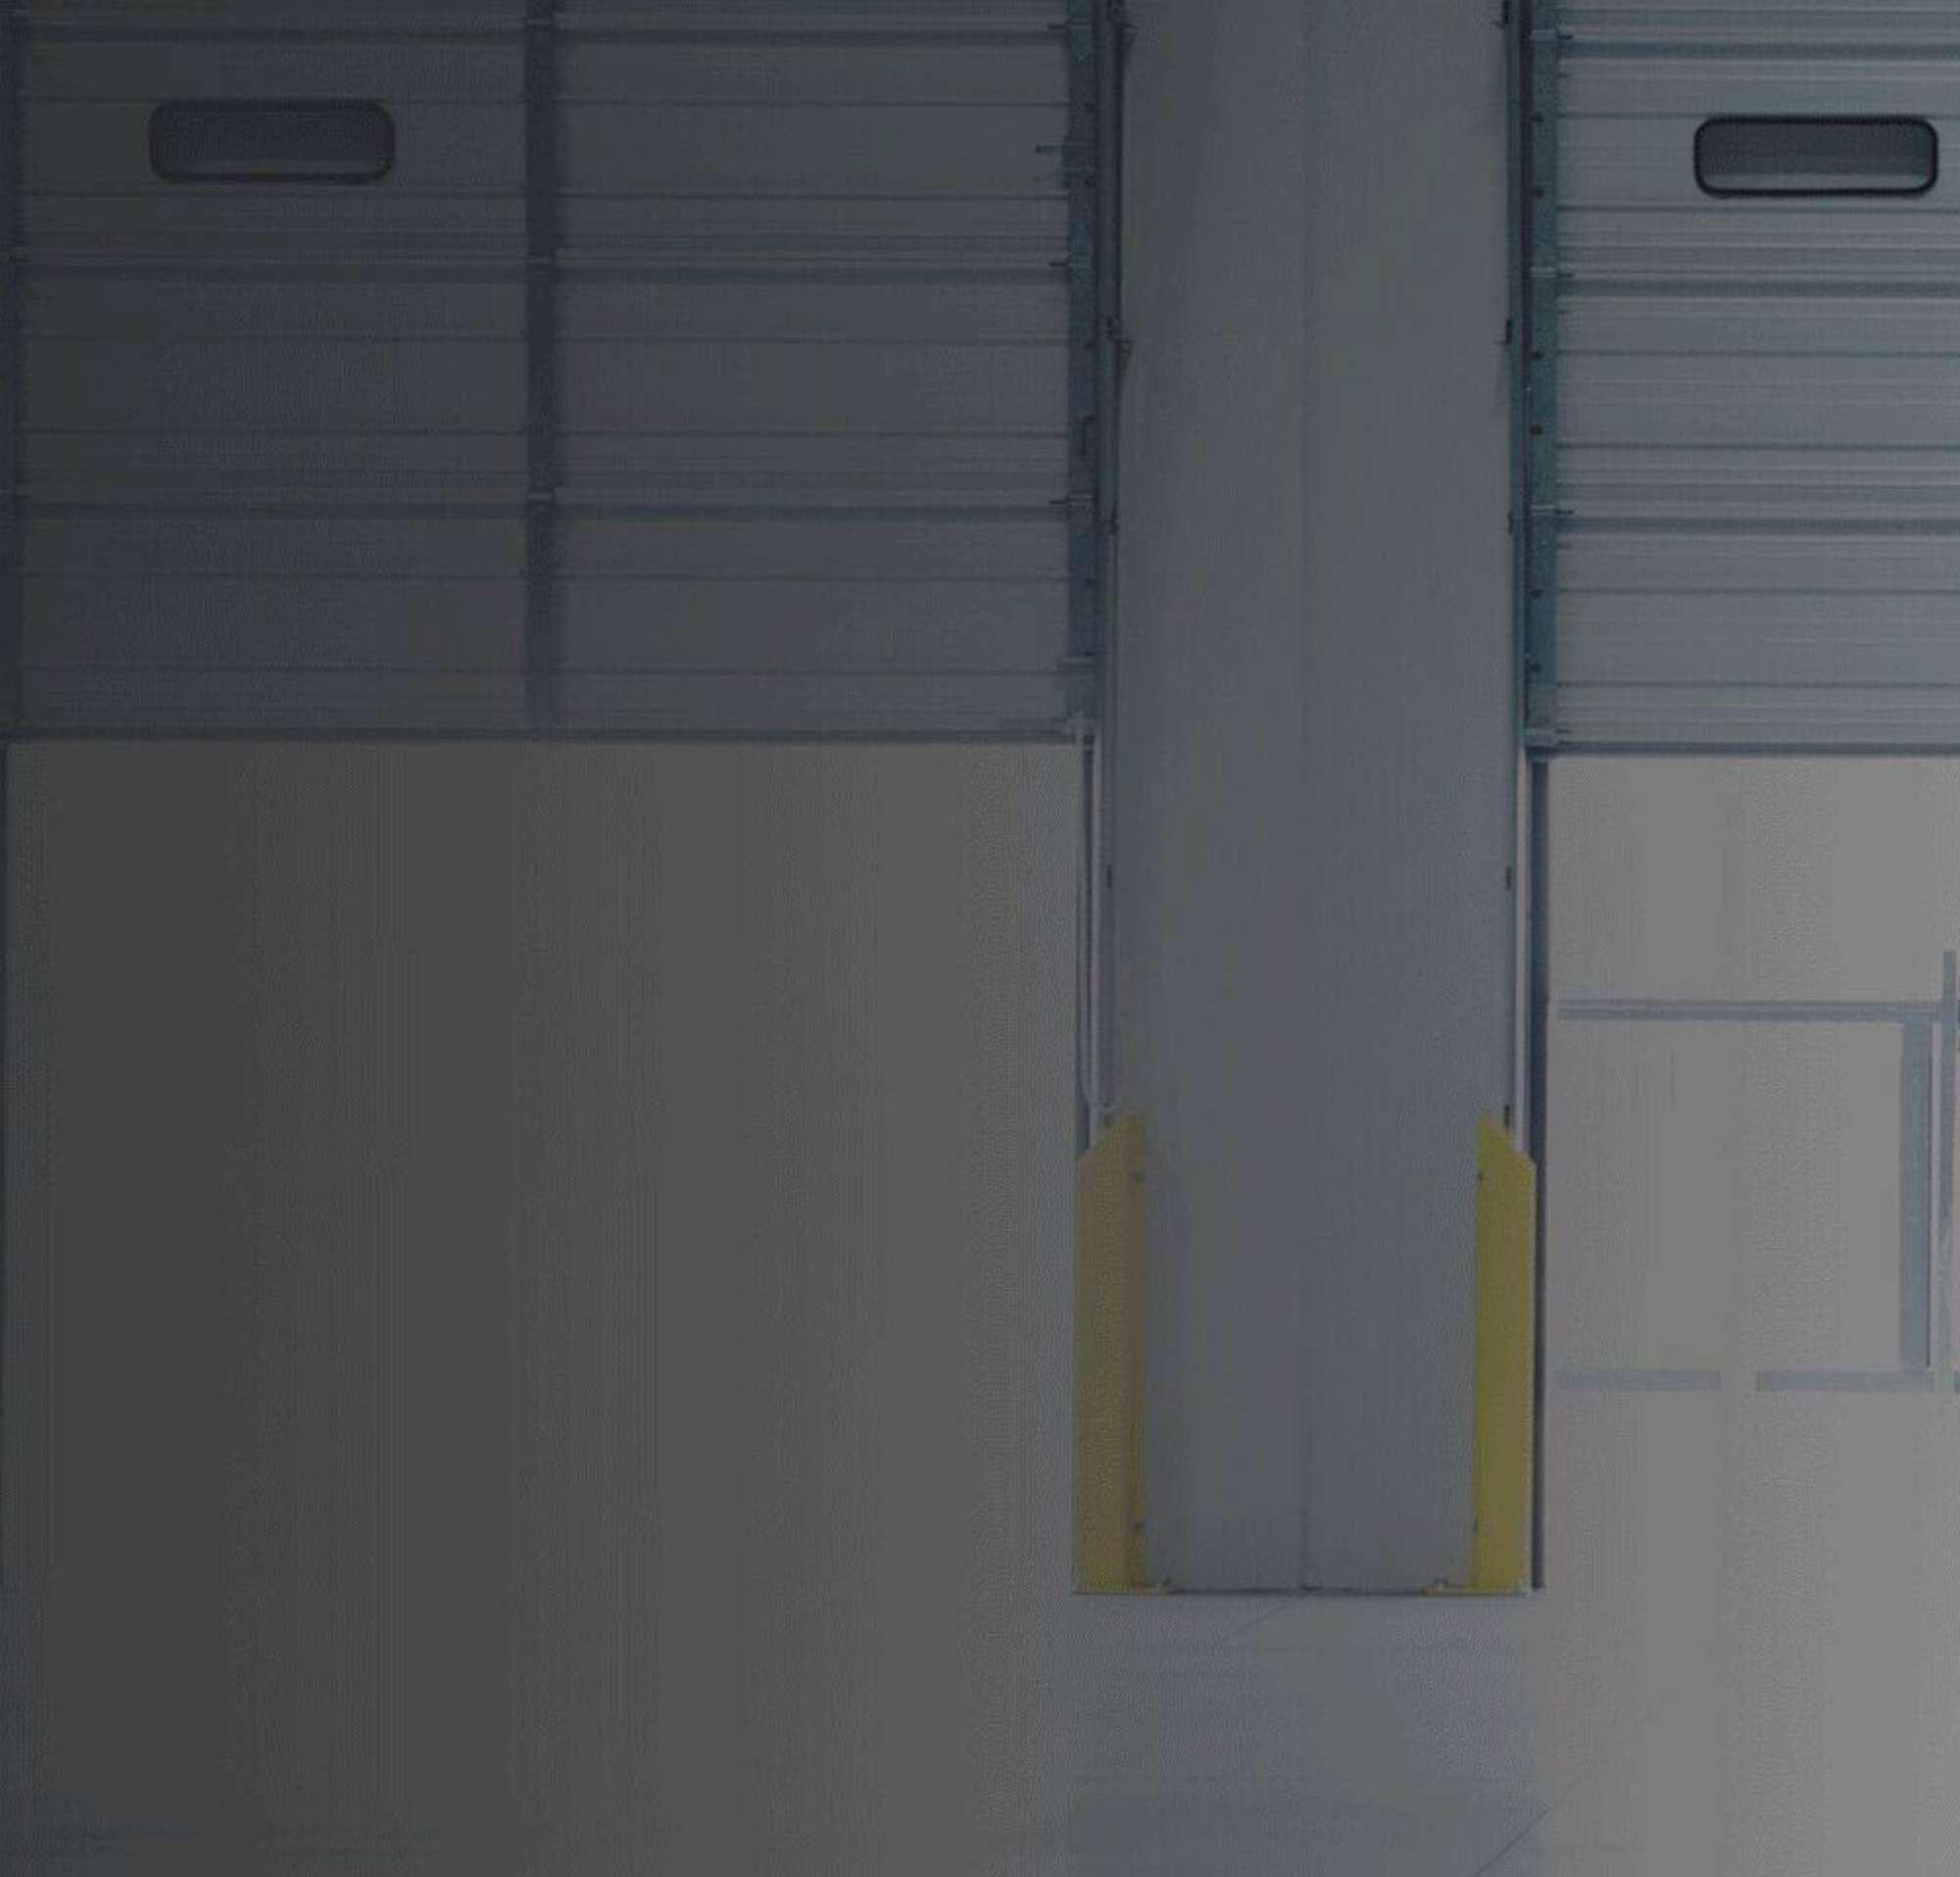 Man closing garage doors inside a warehouse.